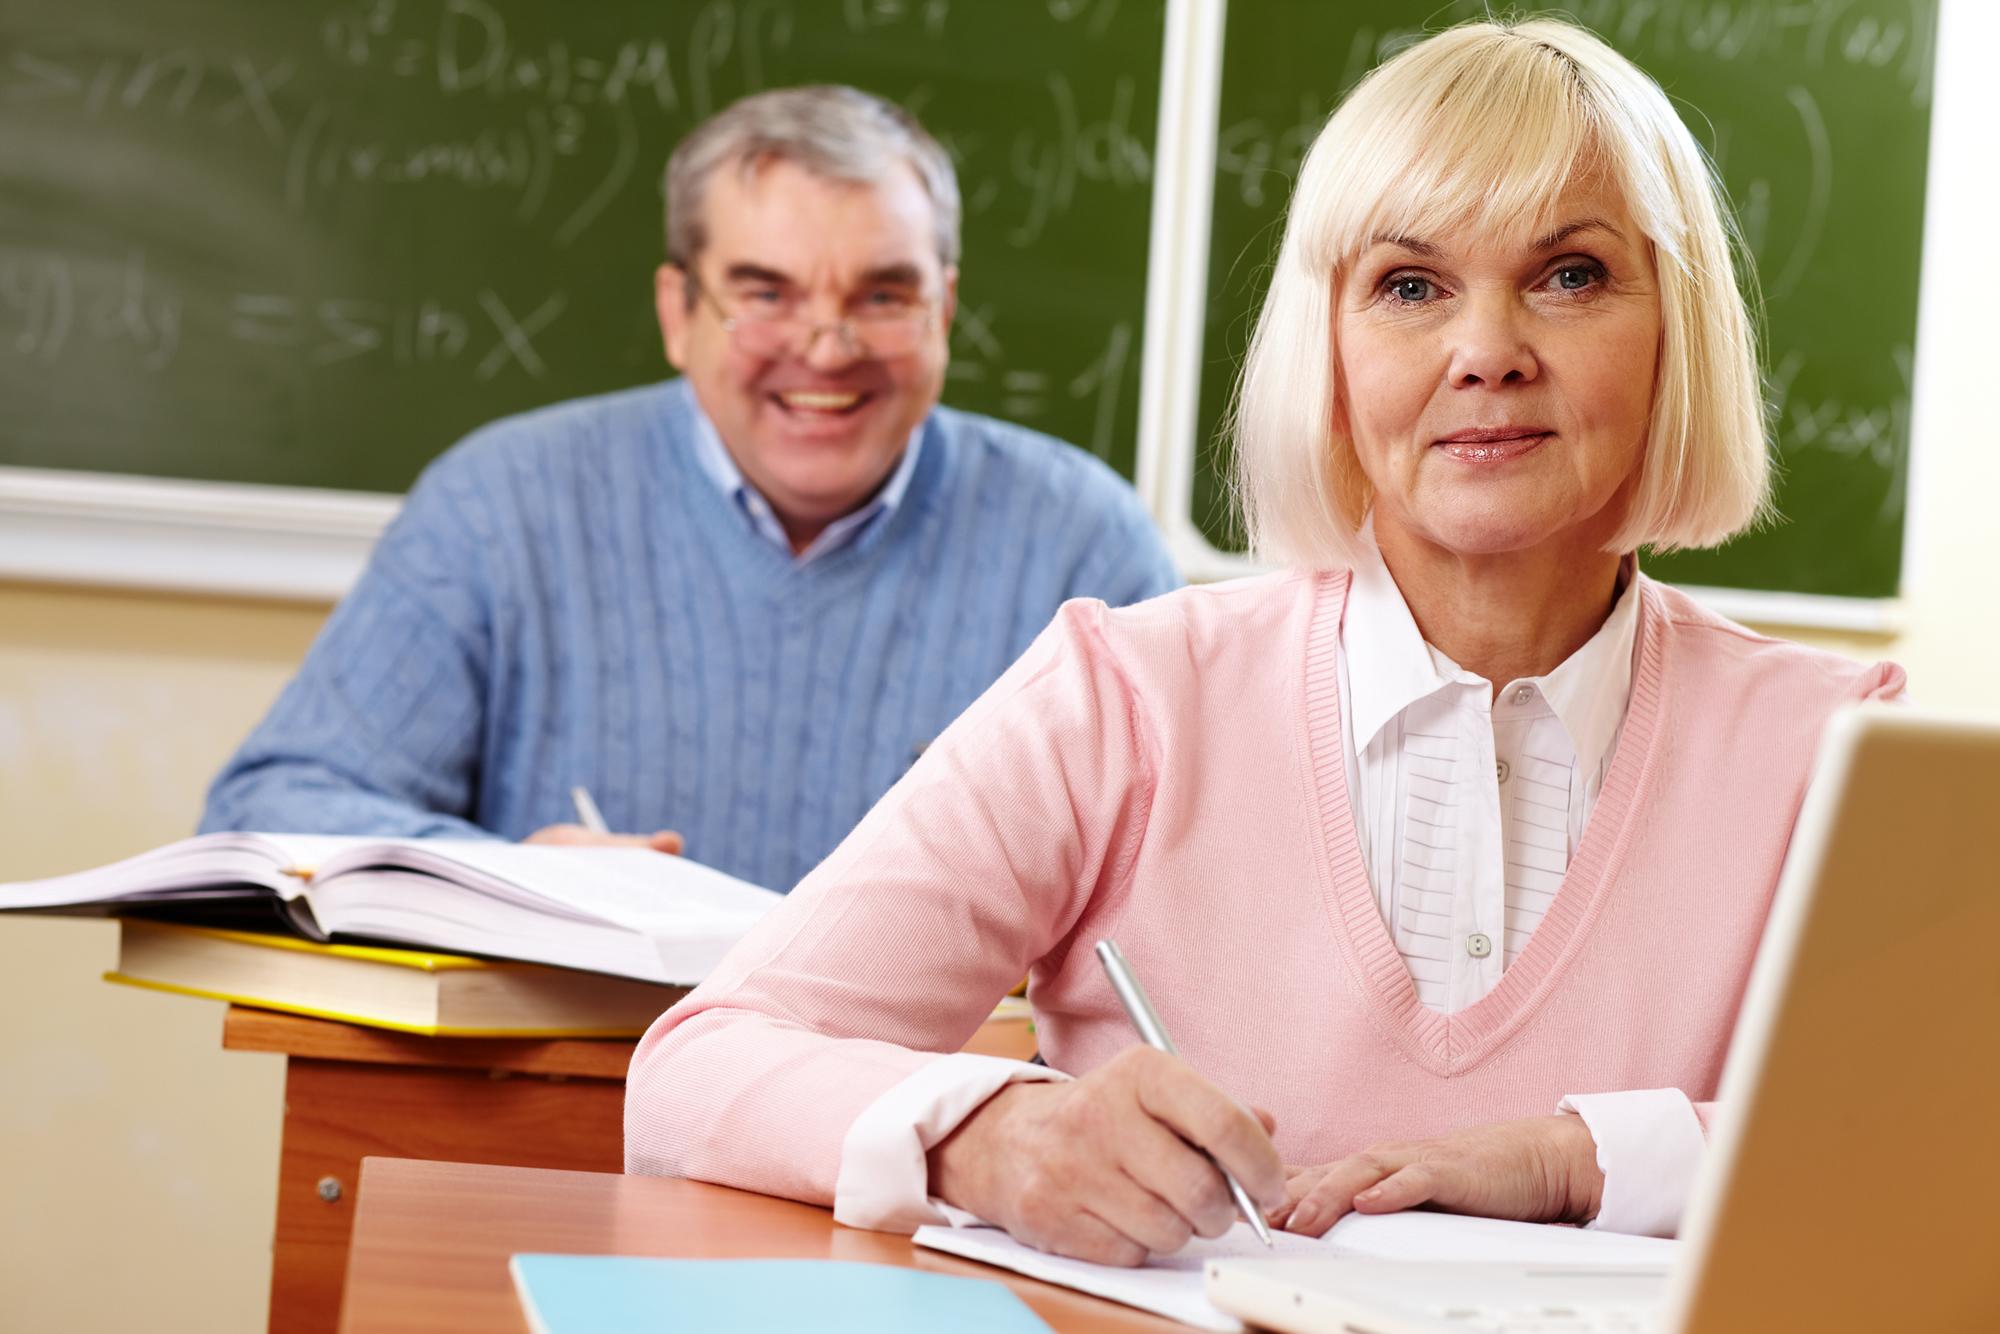 Пожилые жители Тверской области смогут повысить квалификацию